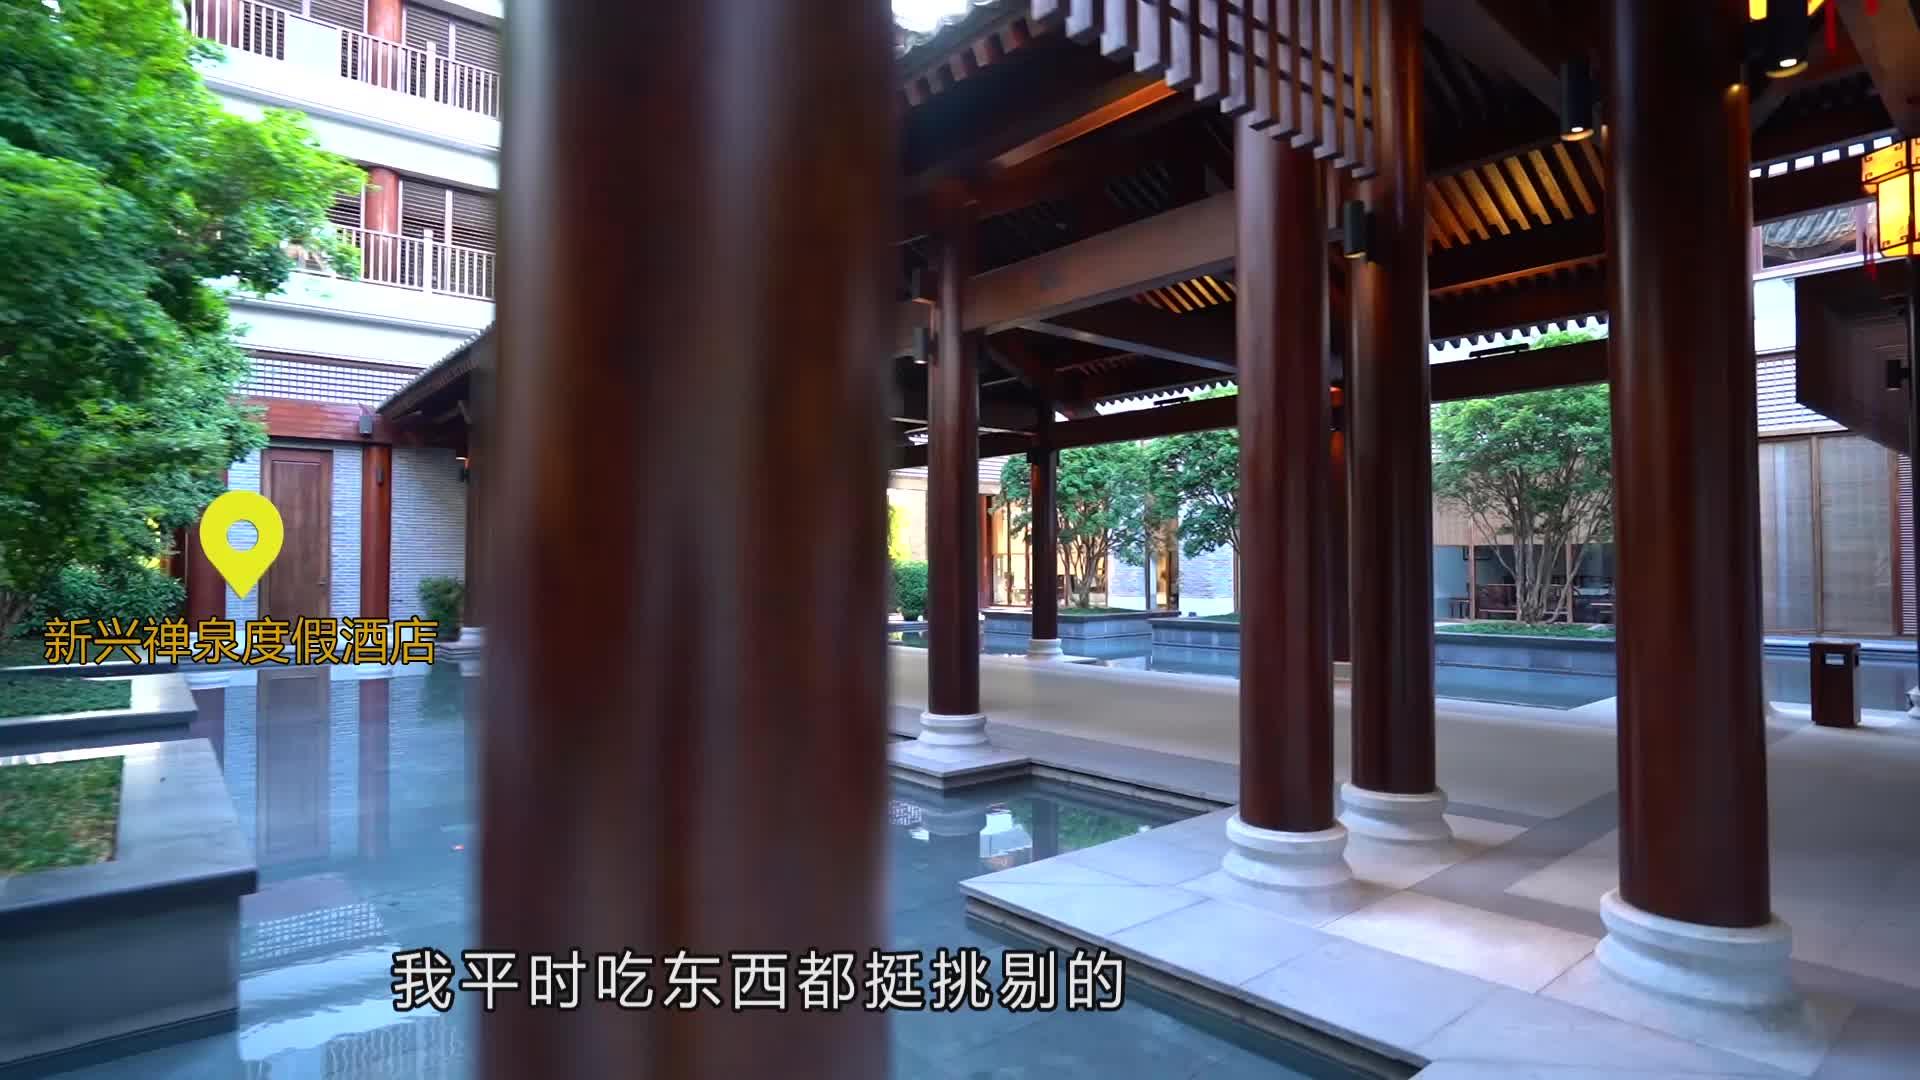 广东六祖故里素斋,做菜跟做工艺品一样精致,美女吃的停不下来!